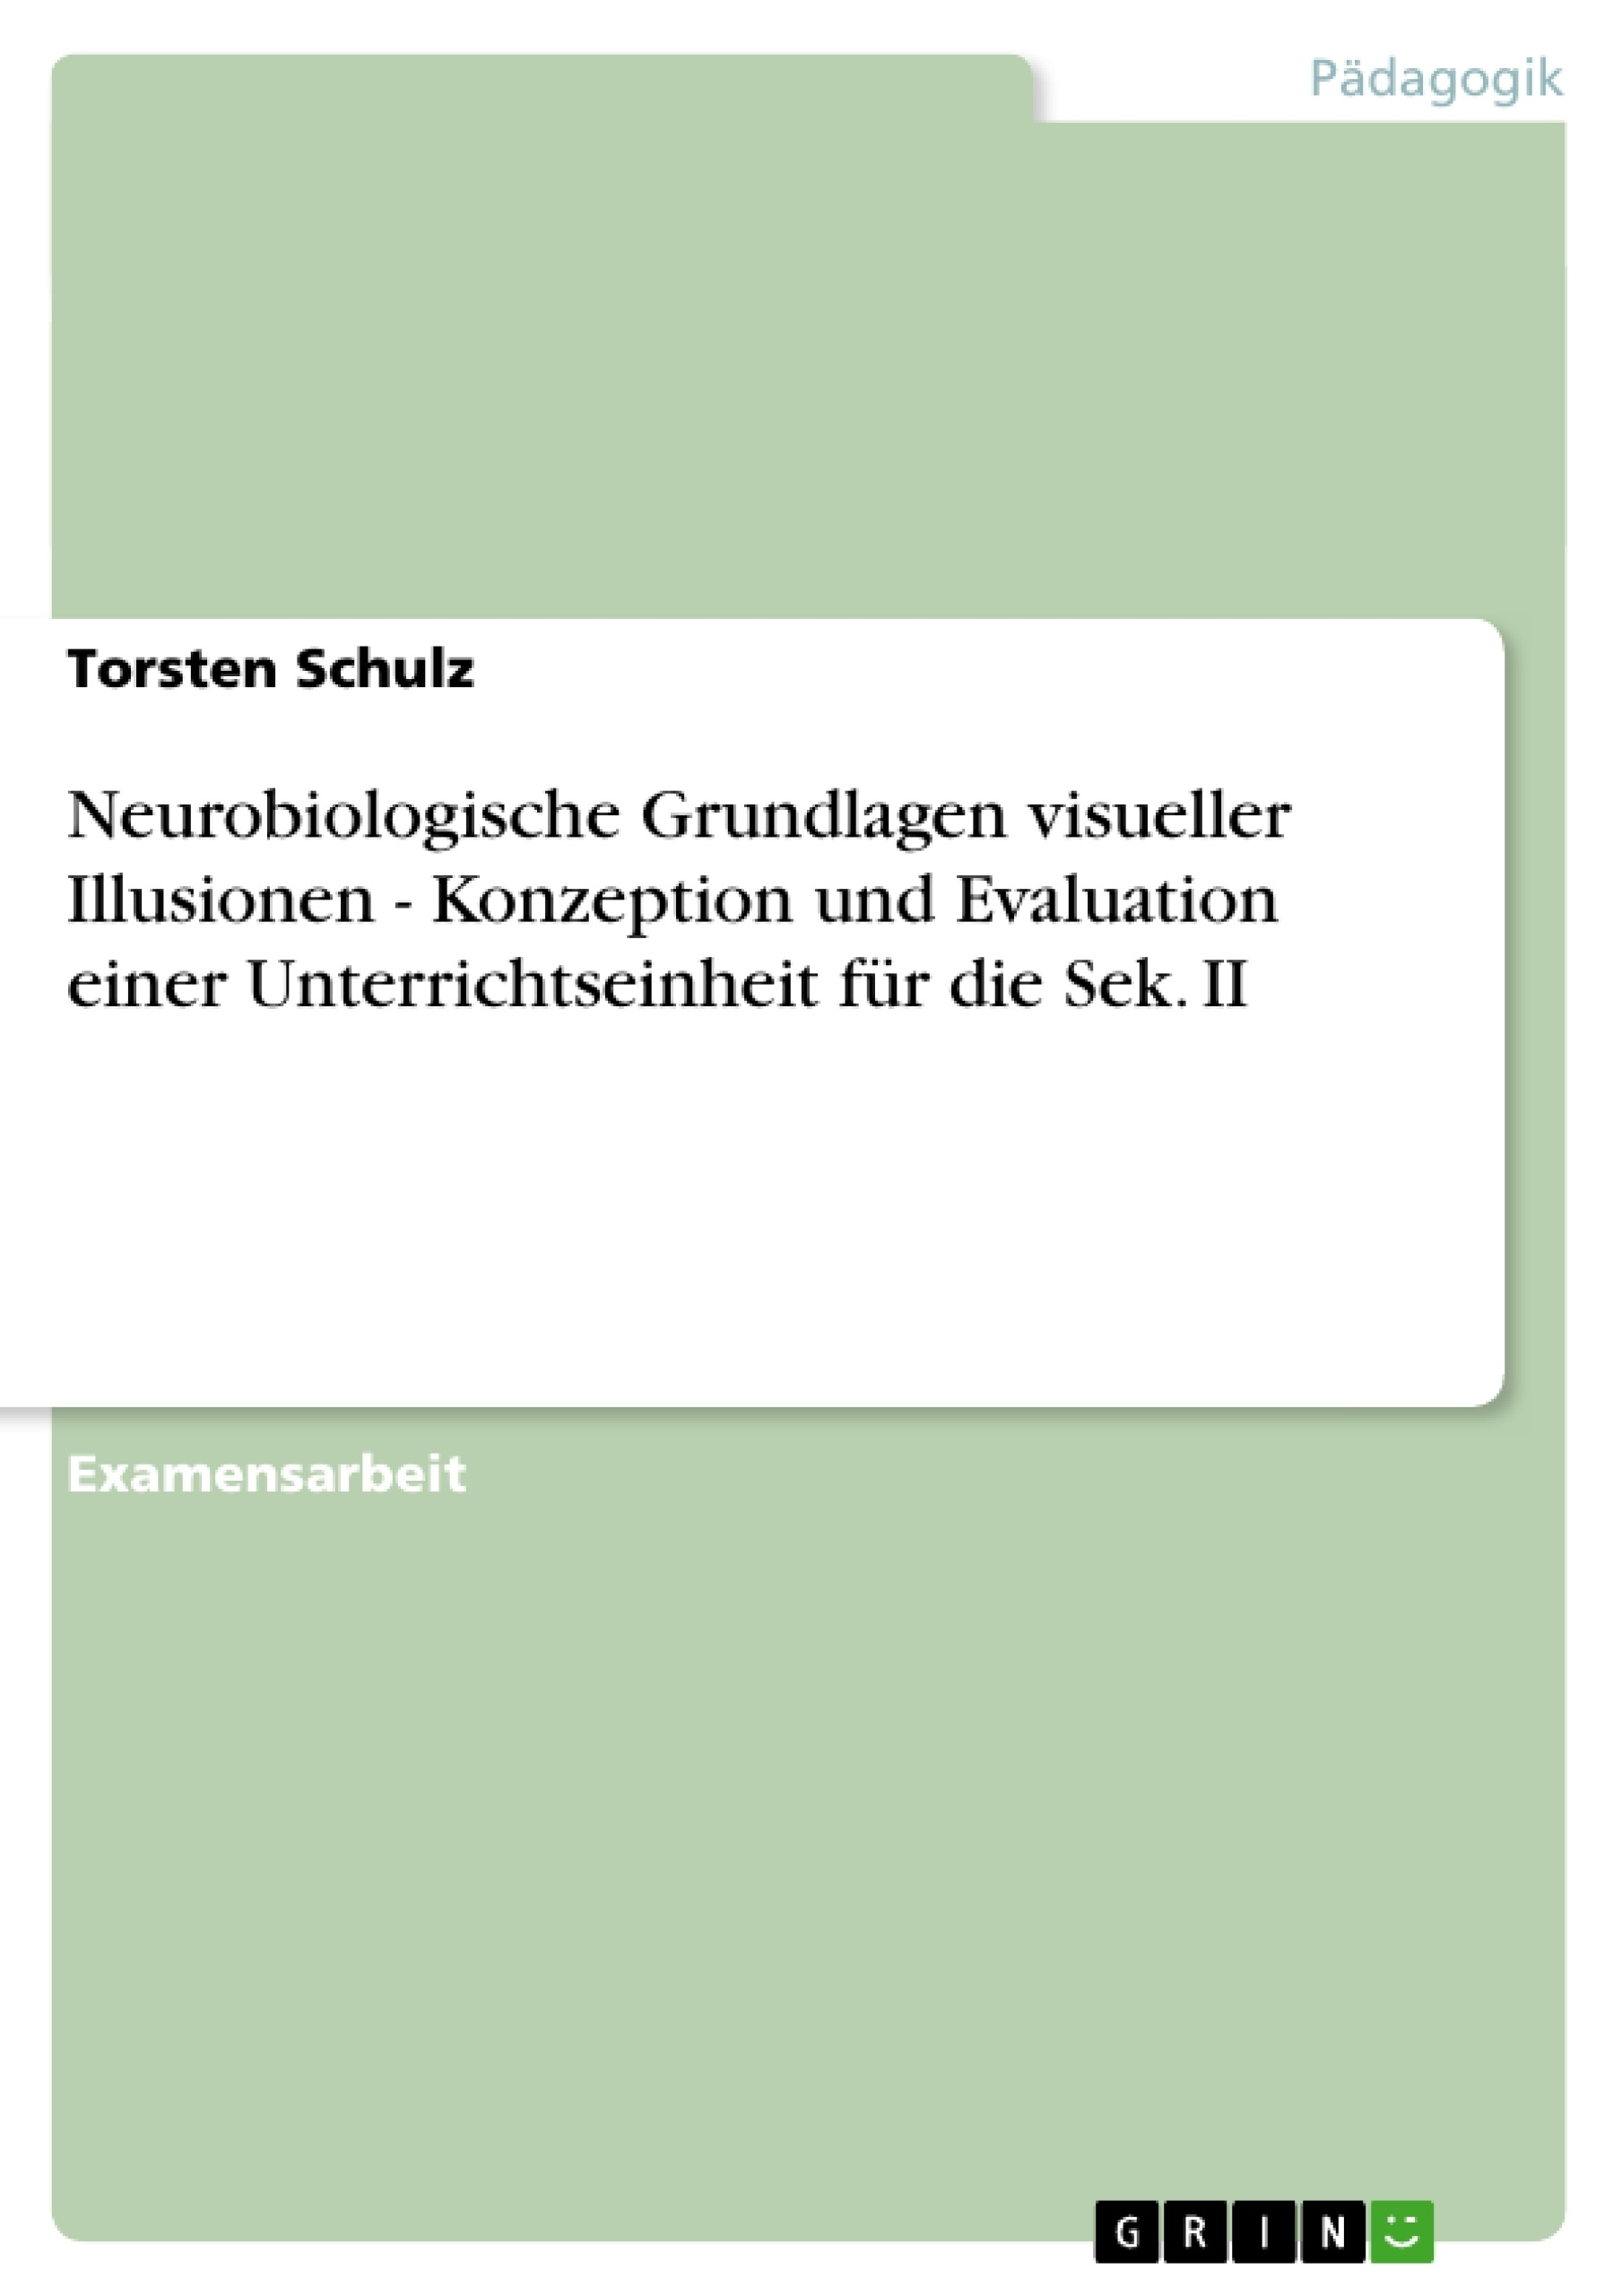 Famous Neuron Struktur Und Funktion Arbeitsblatt Antworten ...